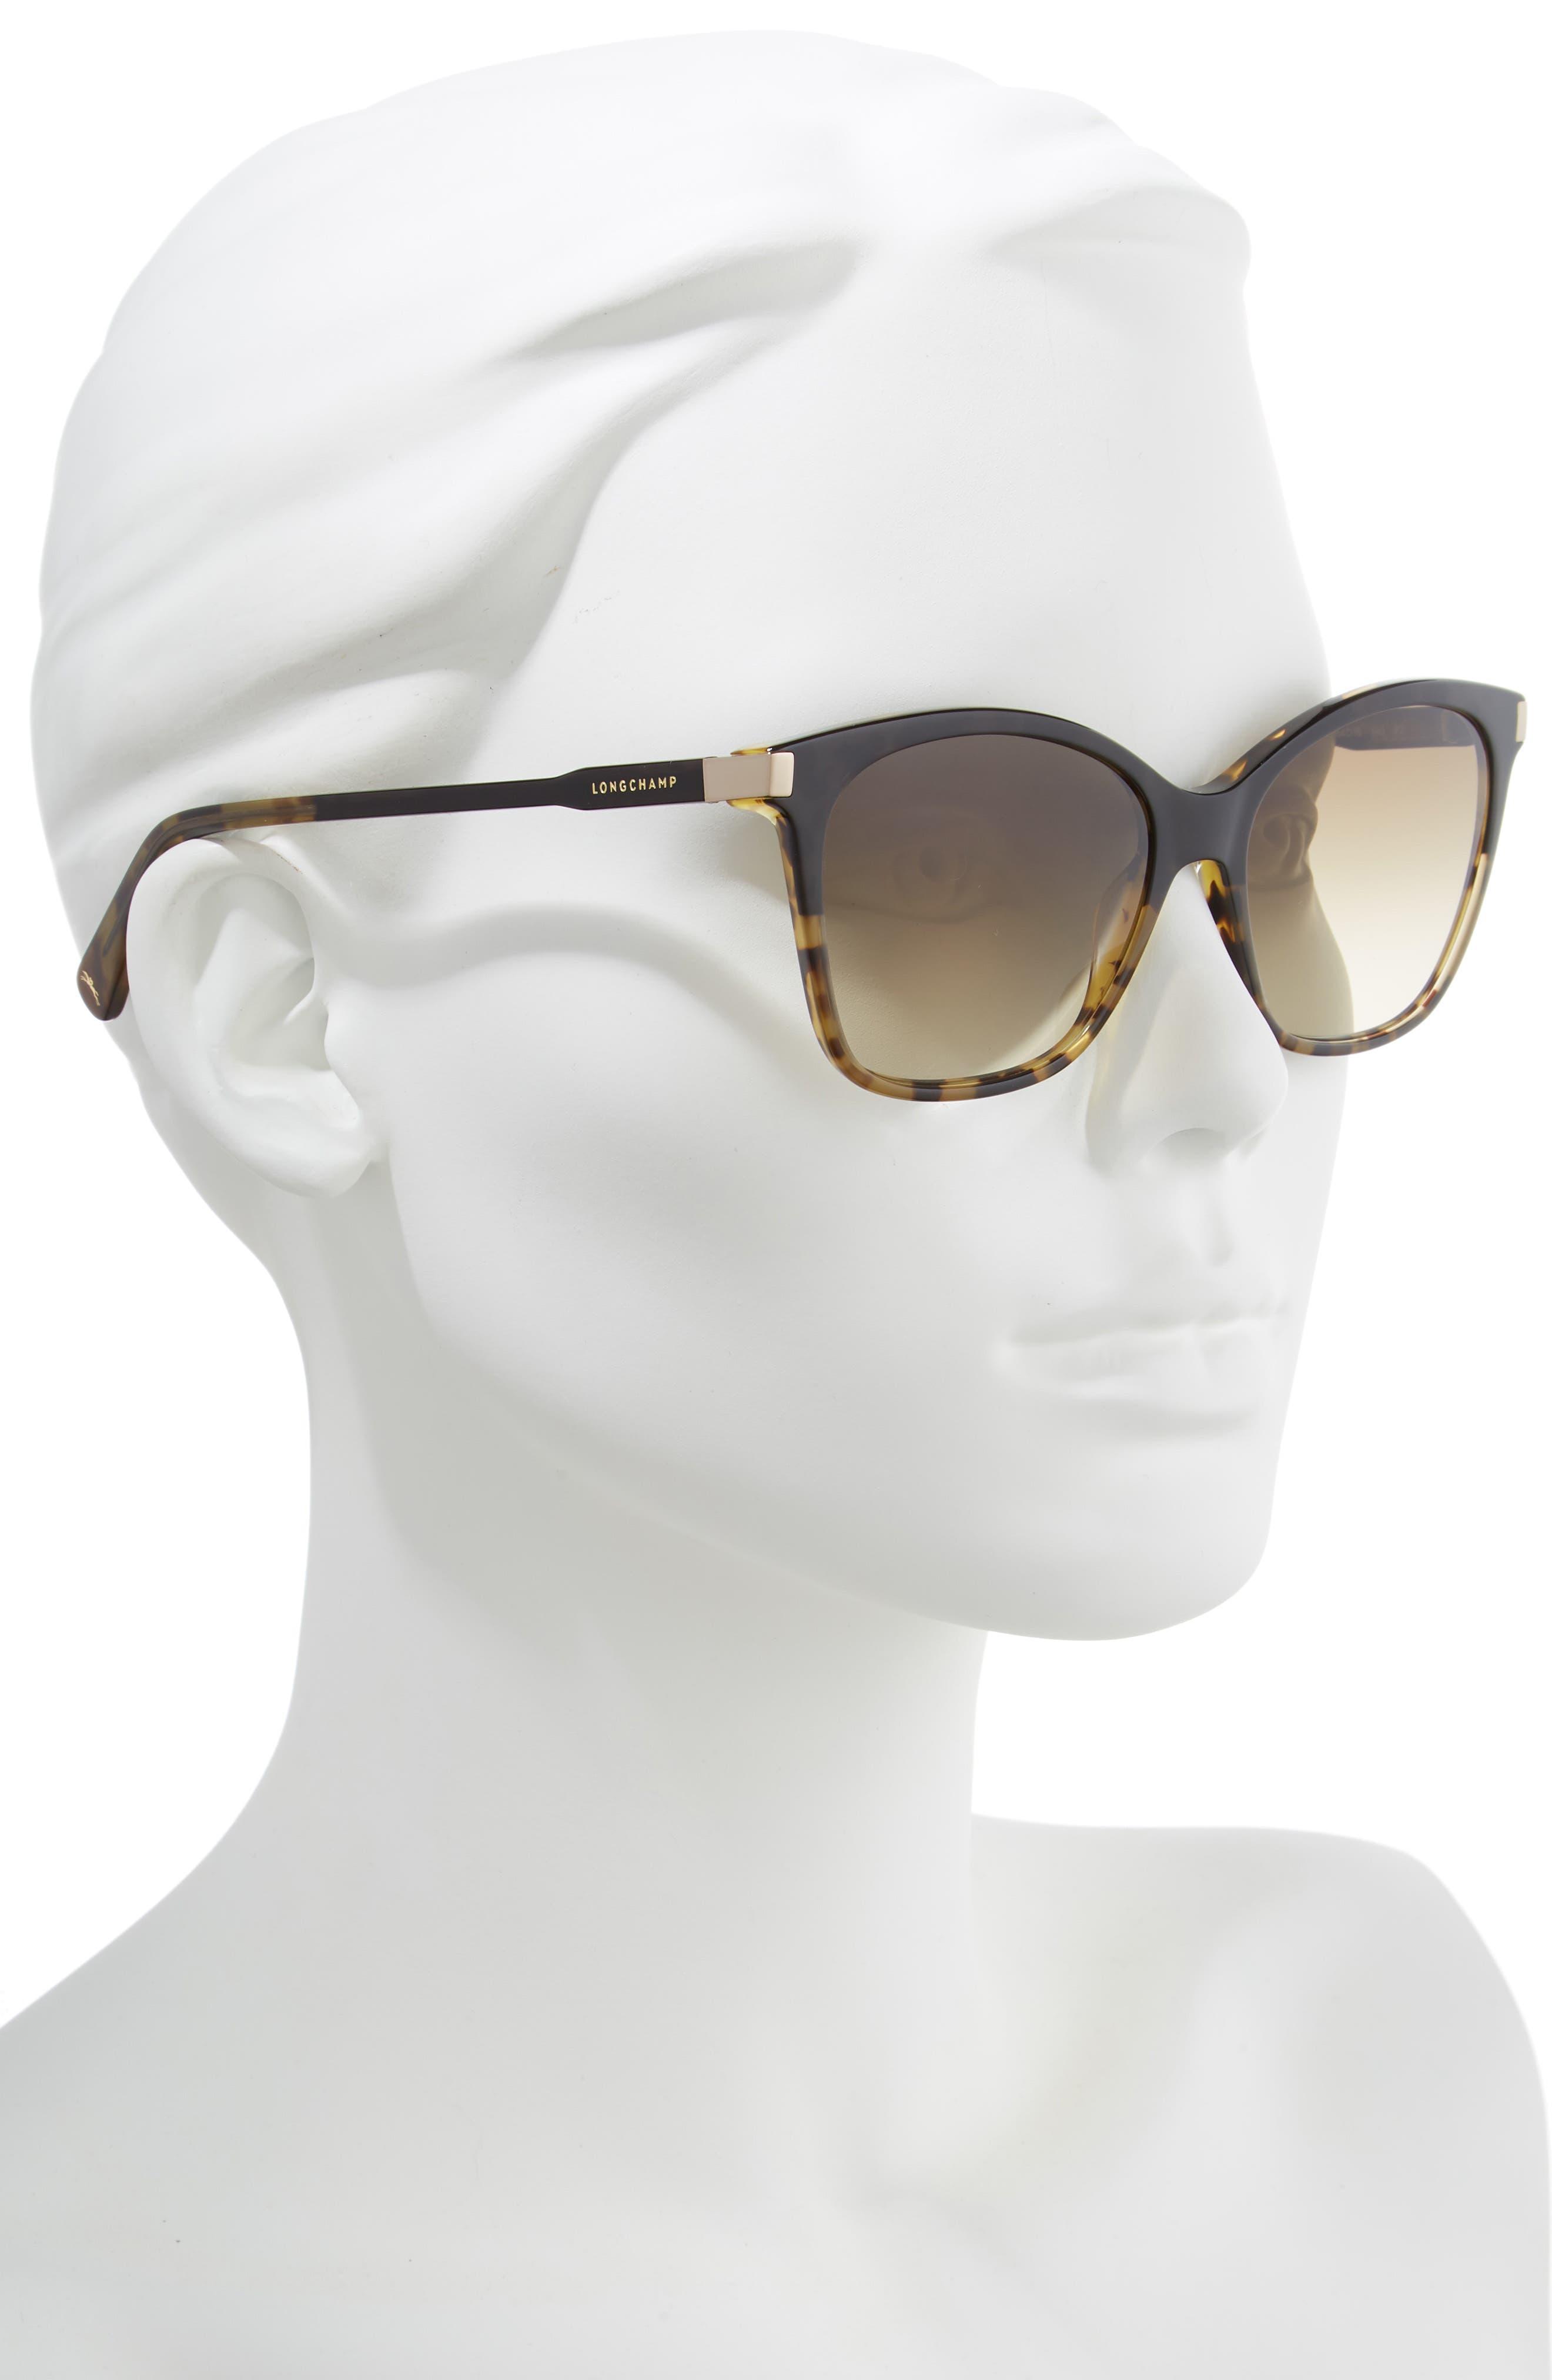 22913f0e17 Longchamp Sunglasses for Women